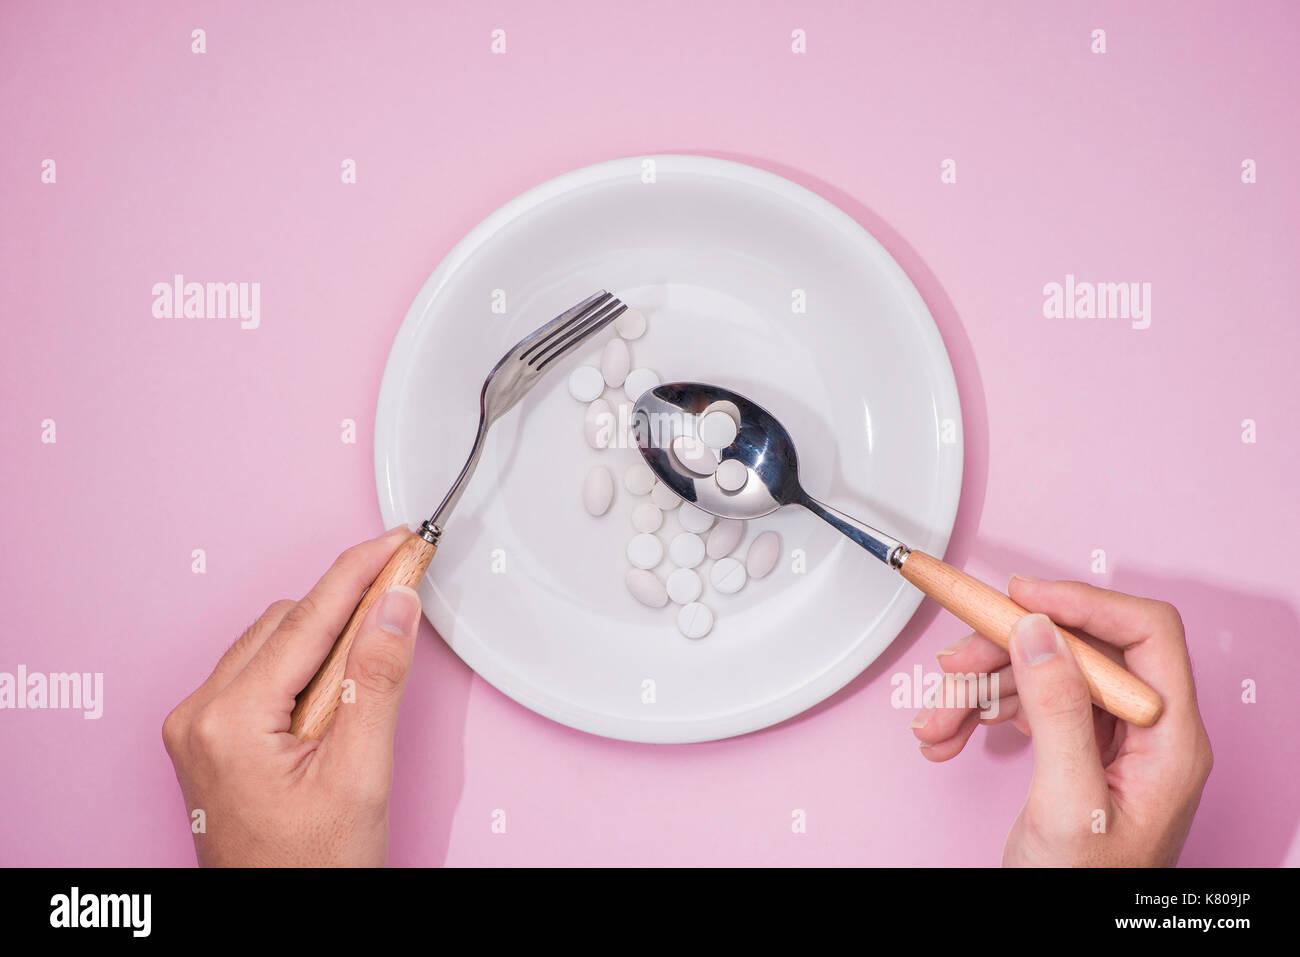 Vista superior de las manos del hombre en la mesa de comedor sosteniendo un tenedor y cuchillo encima del plato con píldoras sobre fondo de color rosa. Imagen De Stock